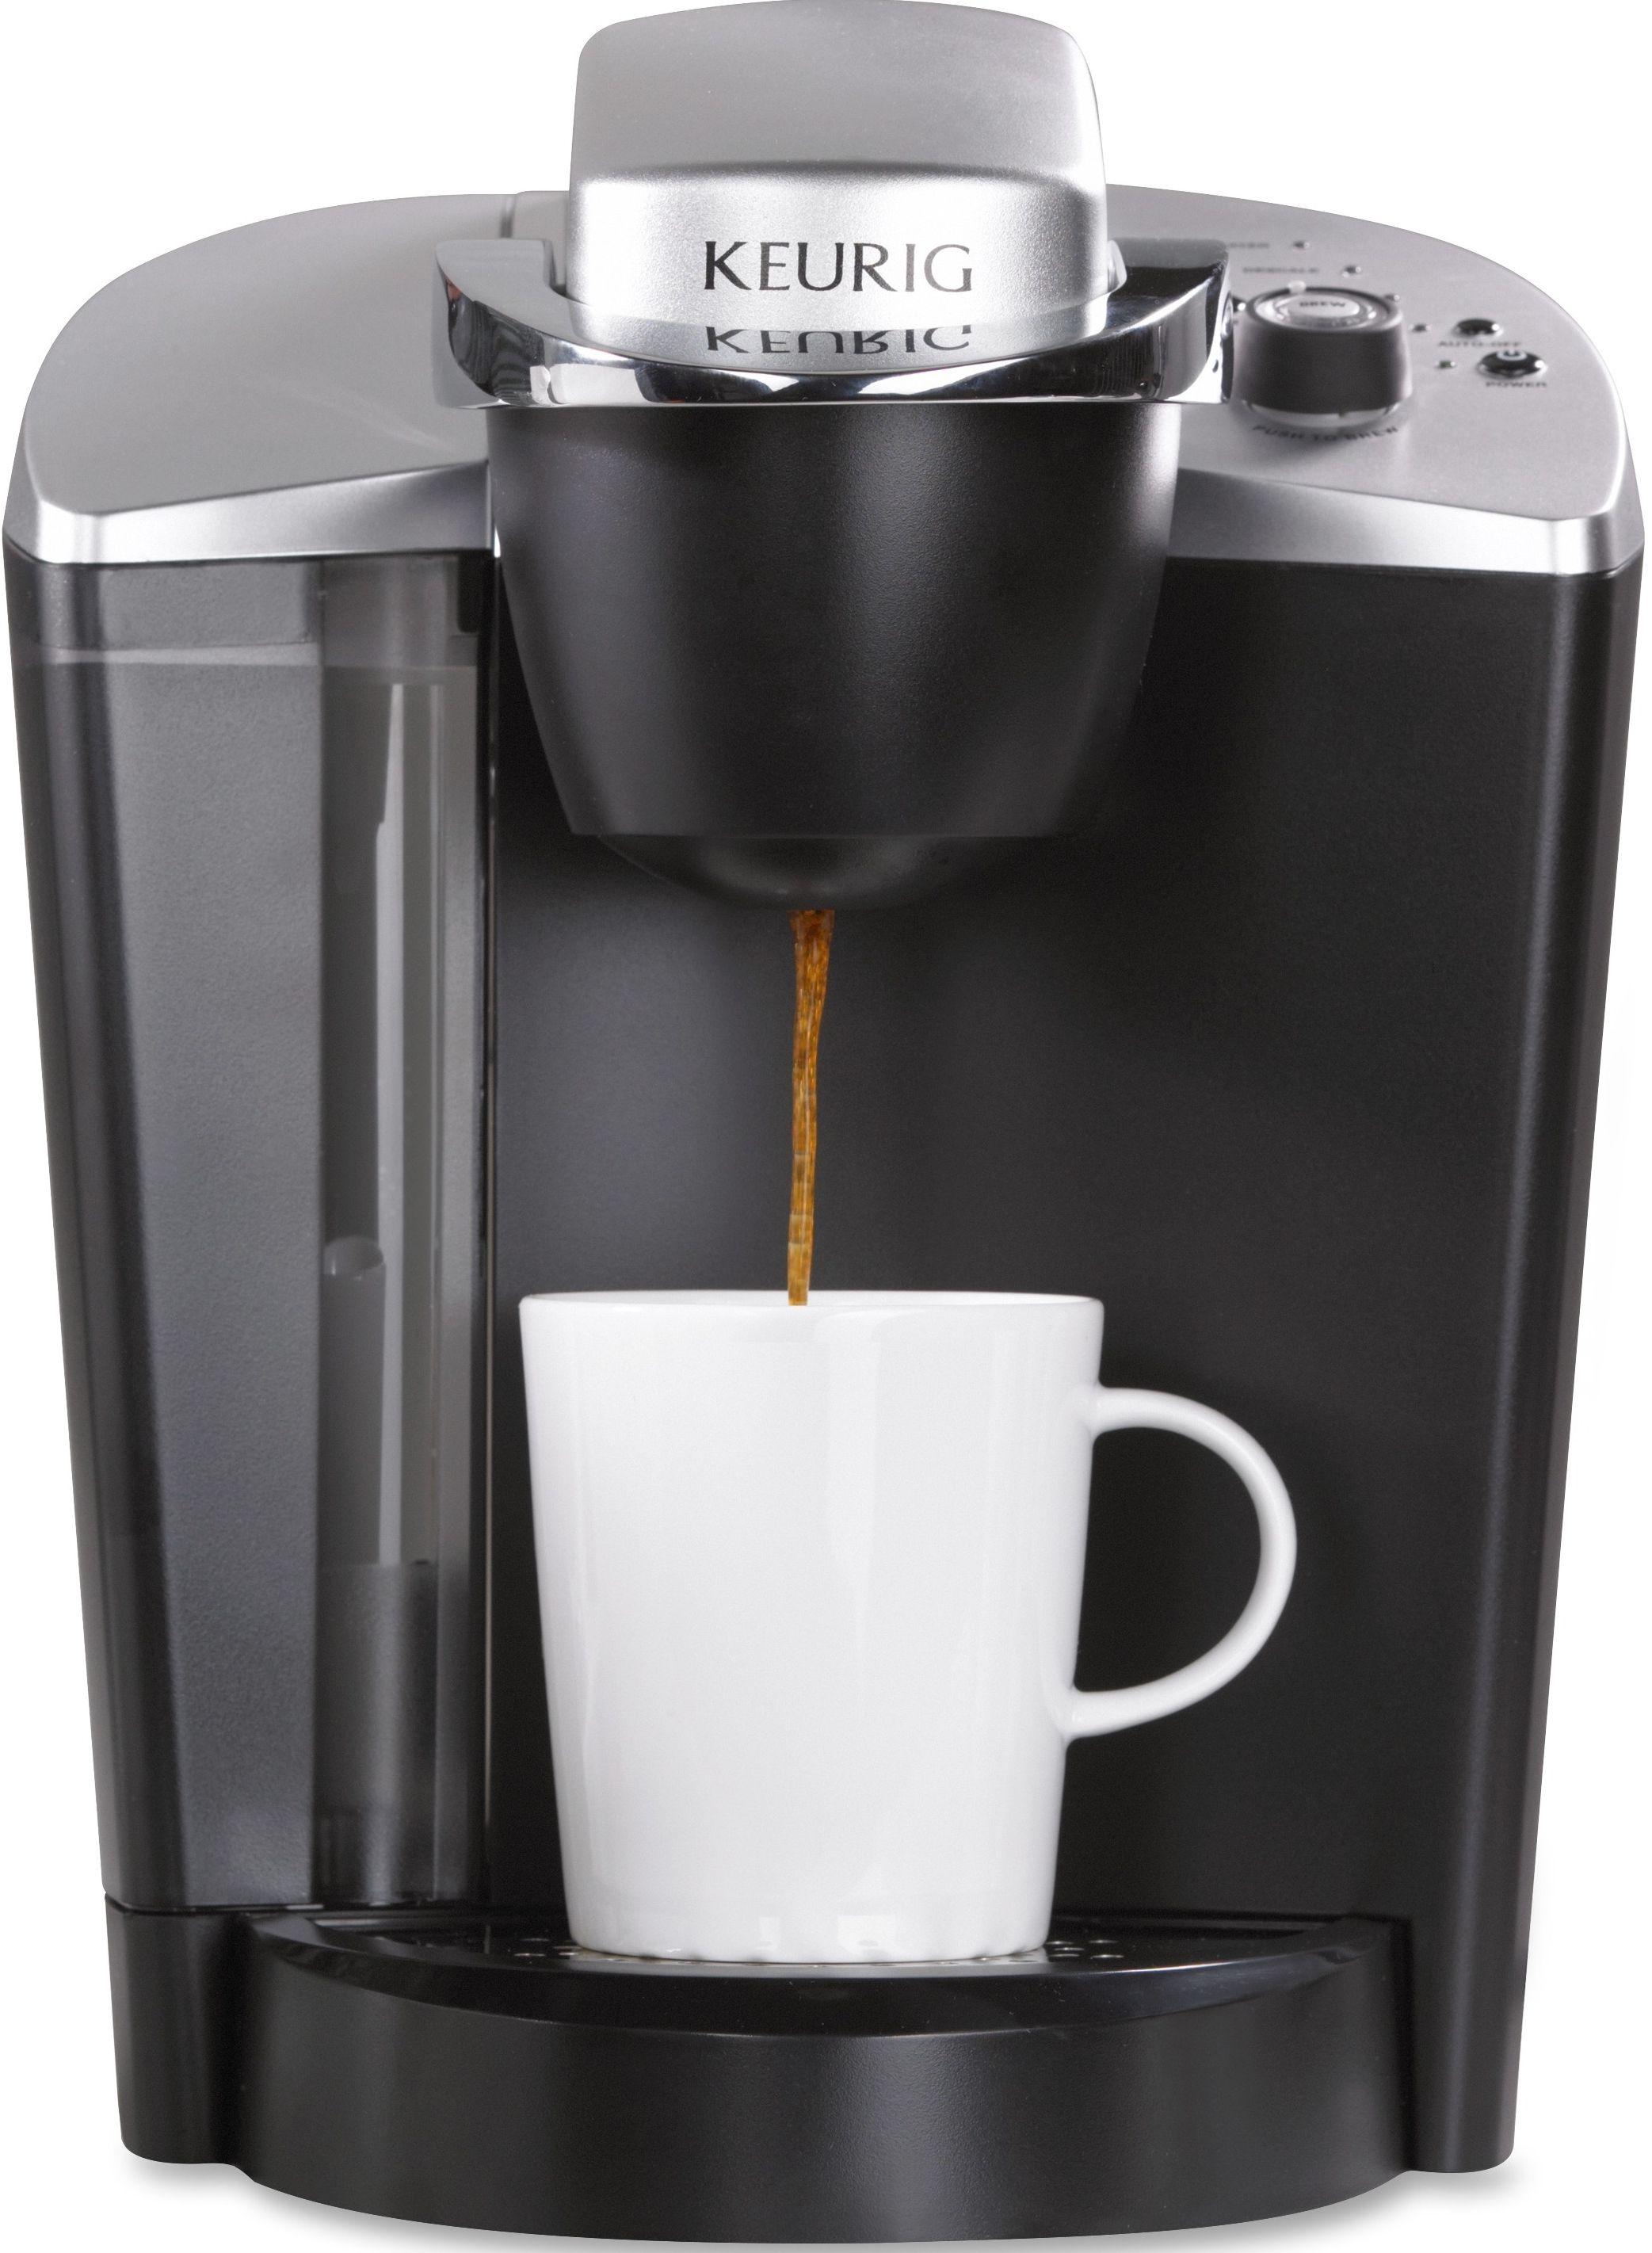 Keurig Coffee Maker Walmart Com In 2020 Keurig Coffee Makers K Cup Coffee Maker Keurig